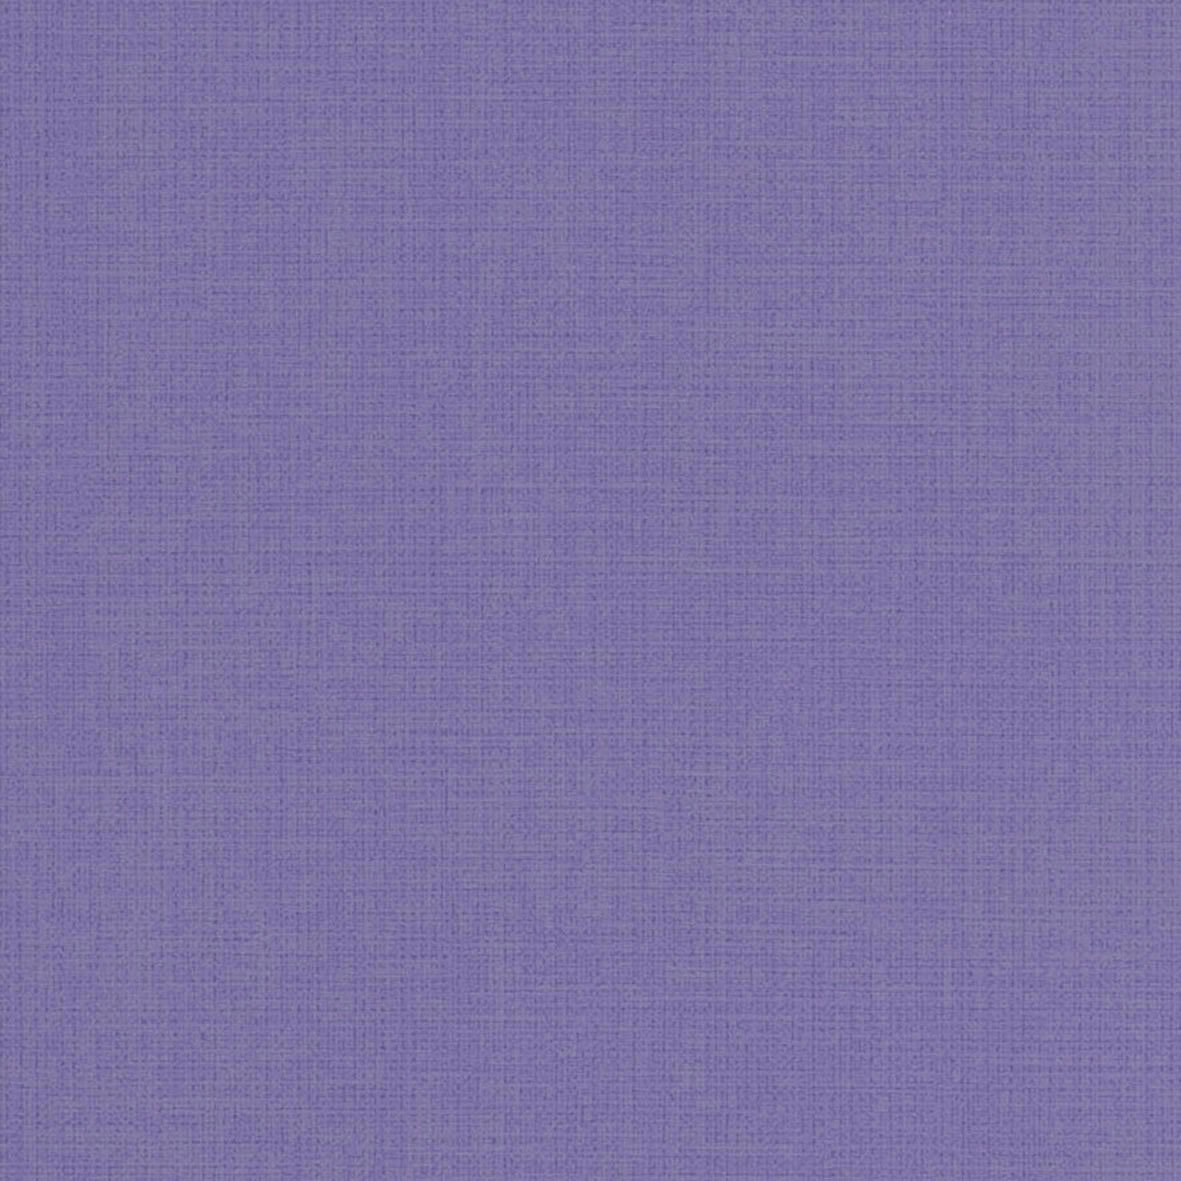 壁紙クロス 33m リリカラ シンフル 無地 ブルー LL-8726 B01N3T7NG5 33m,ブルー4